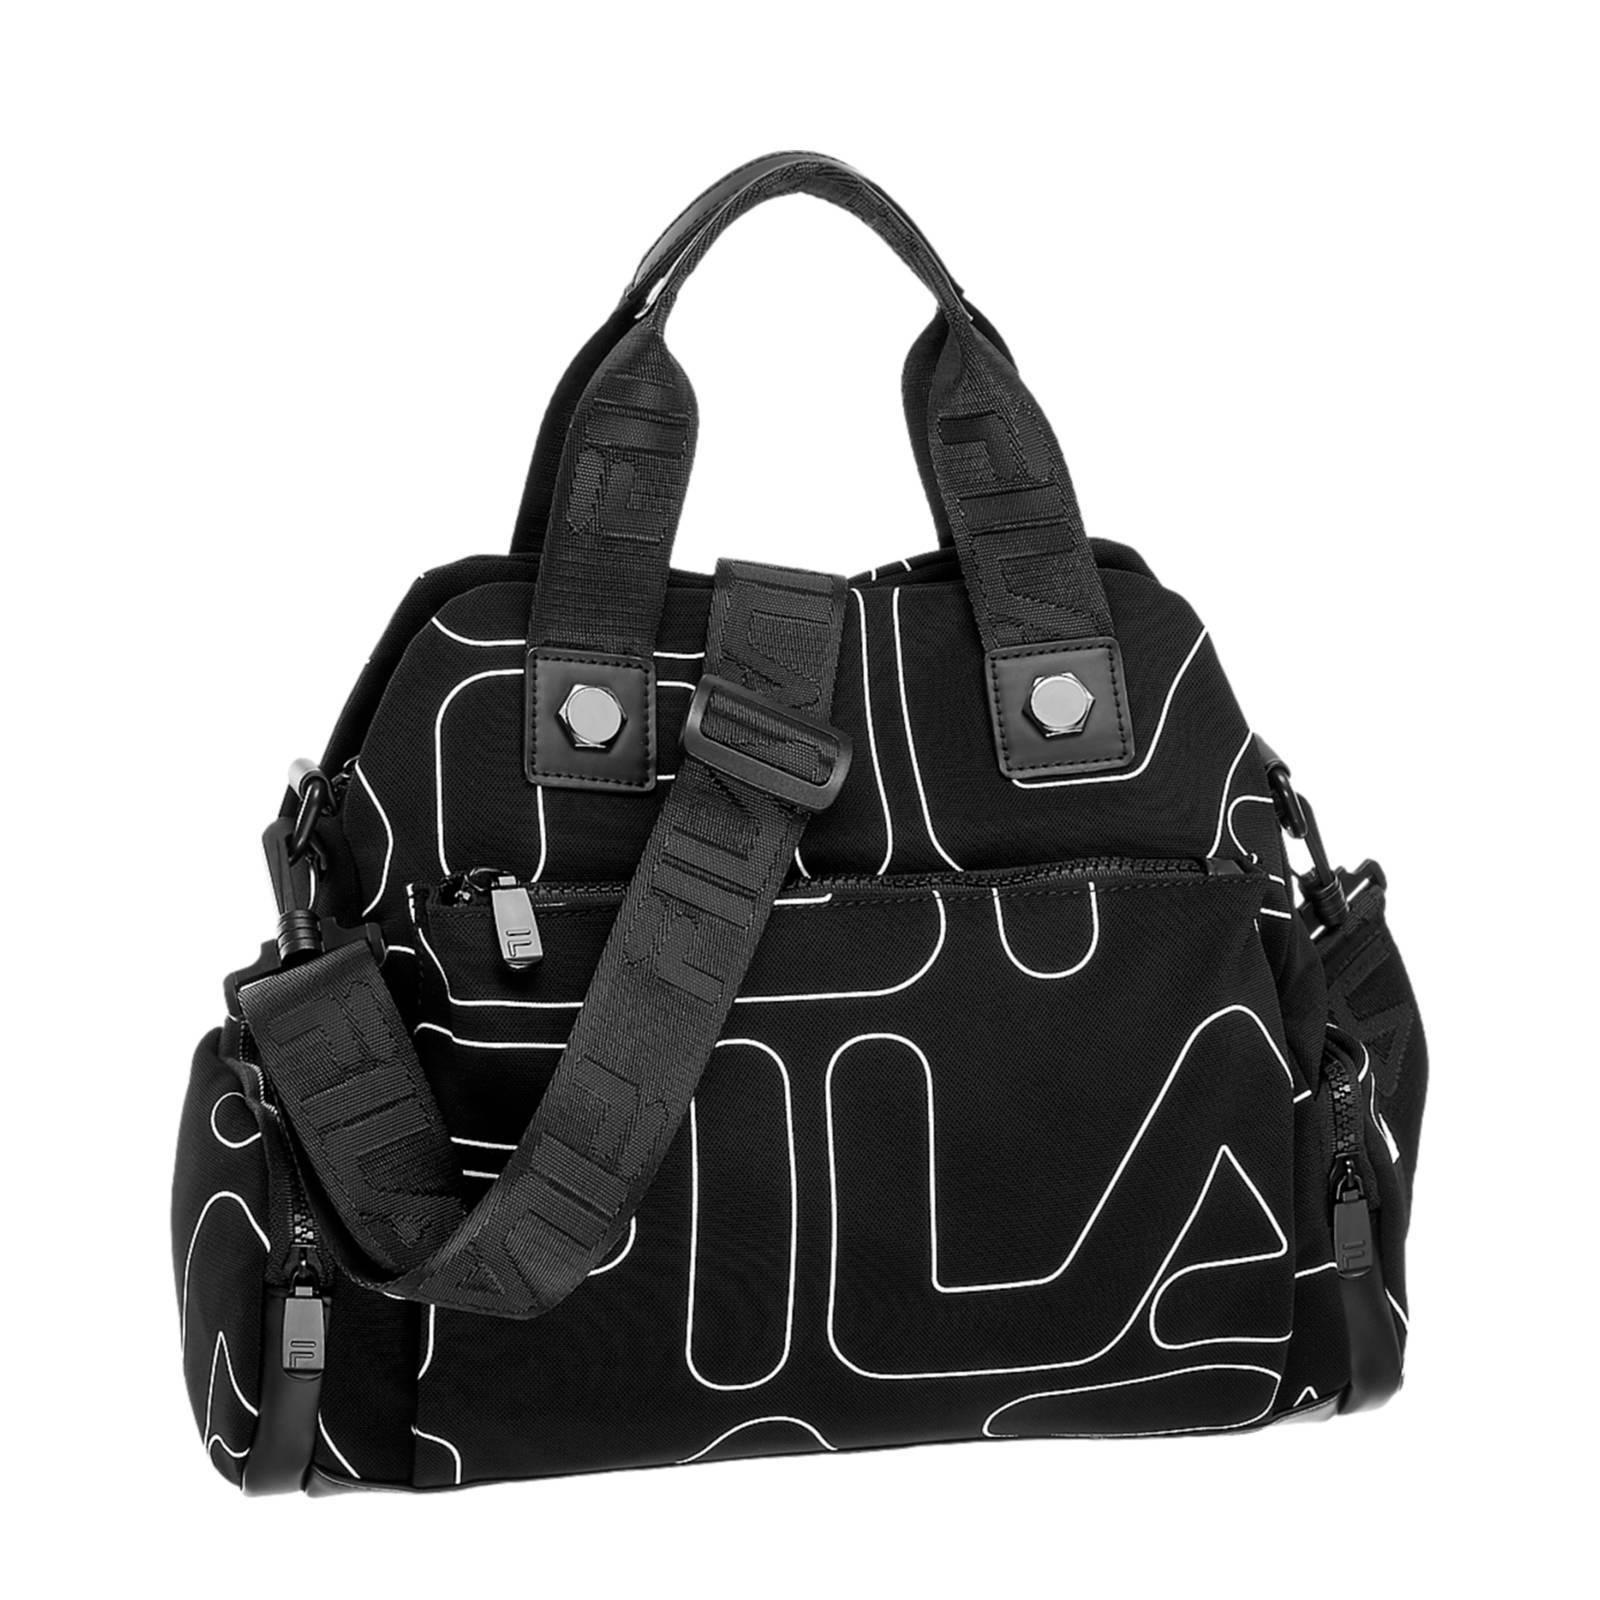 PIECES dames handtassen bij wehkamp Gratis bezorging vanaf